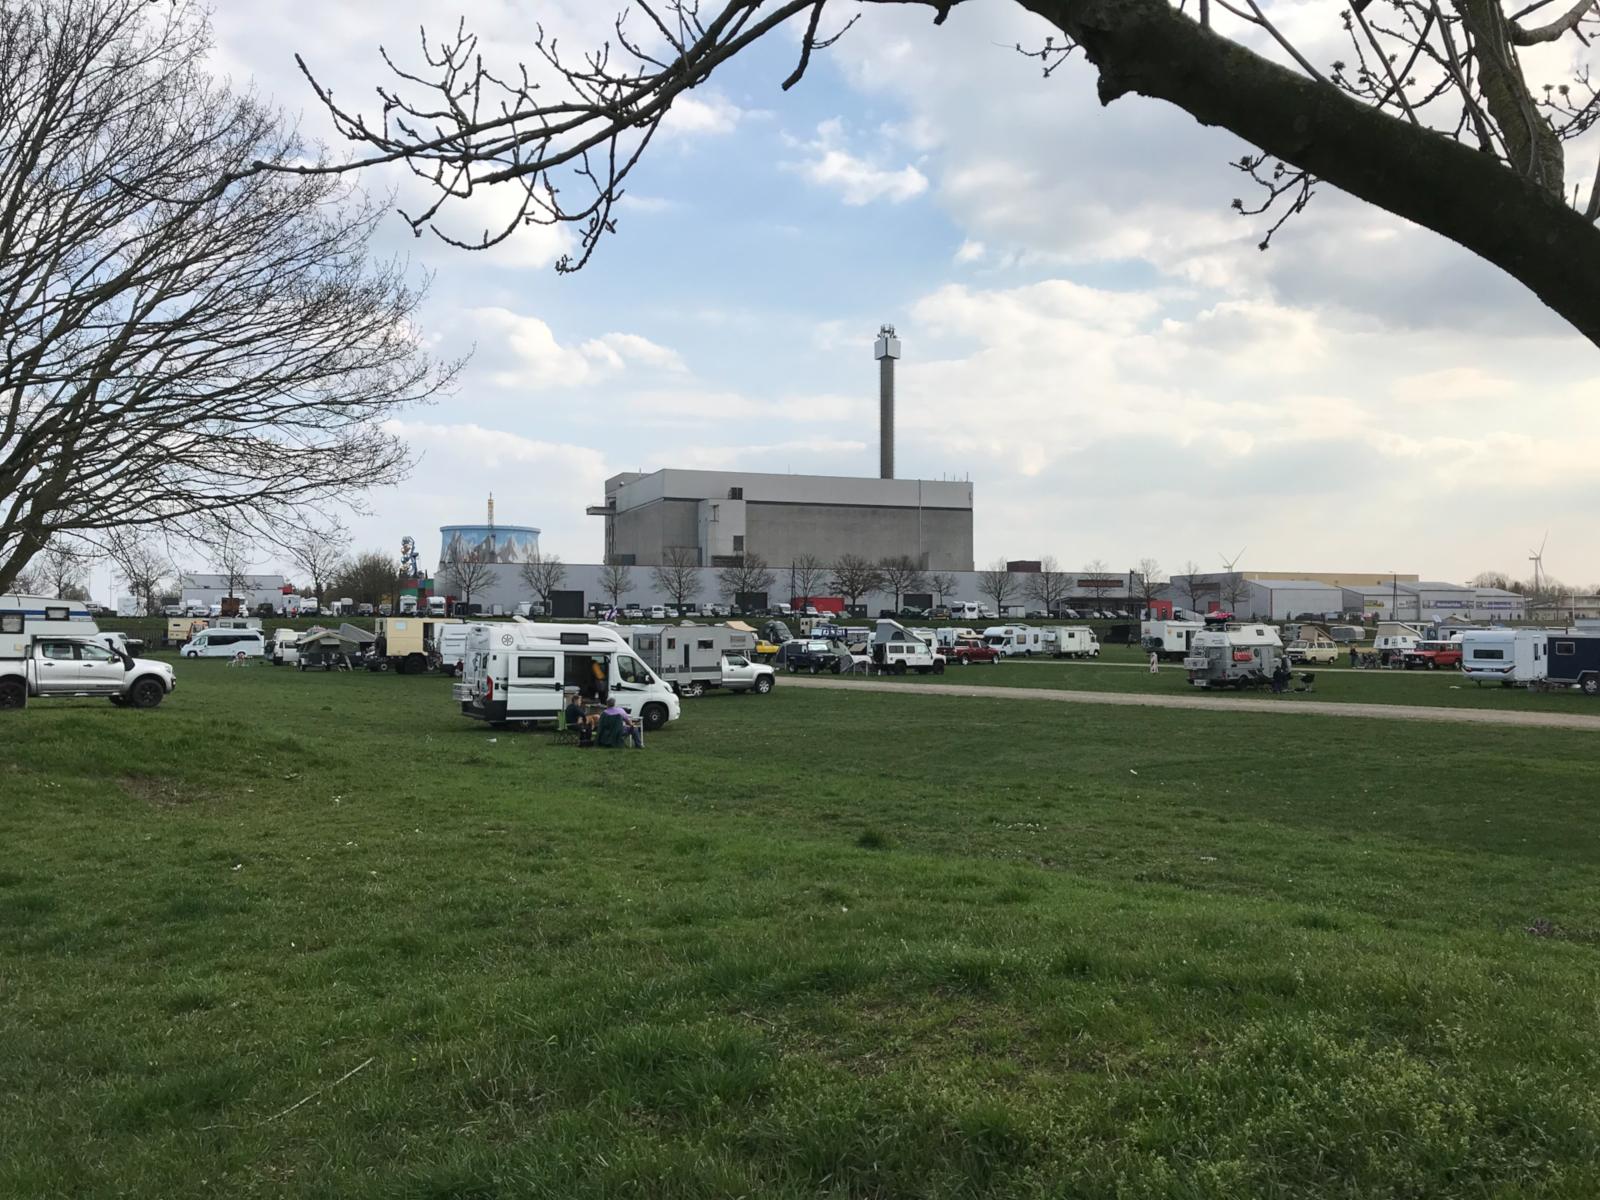 4x4-Rhein-Waal 2019 - Das Campareal vor der Messehalle.